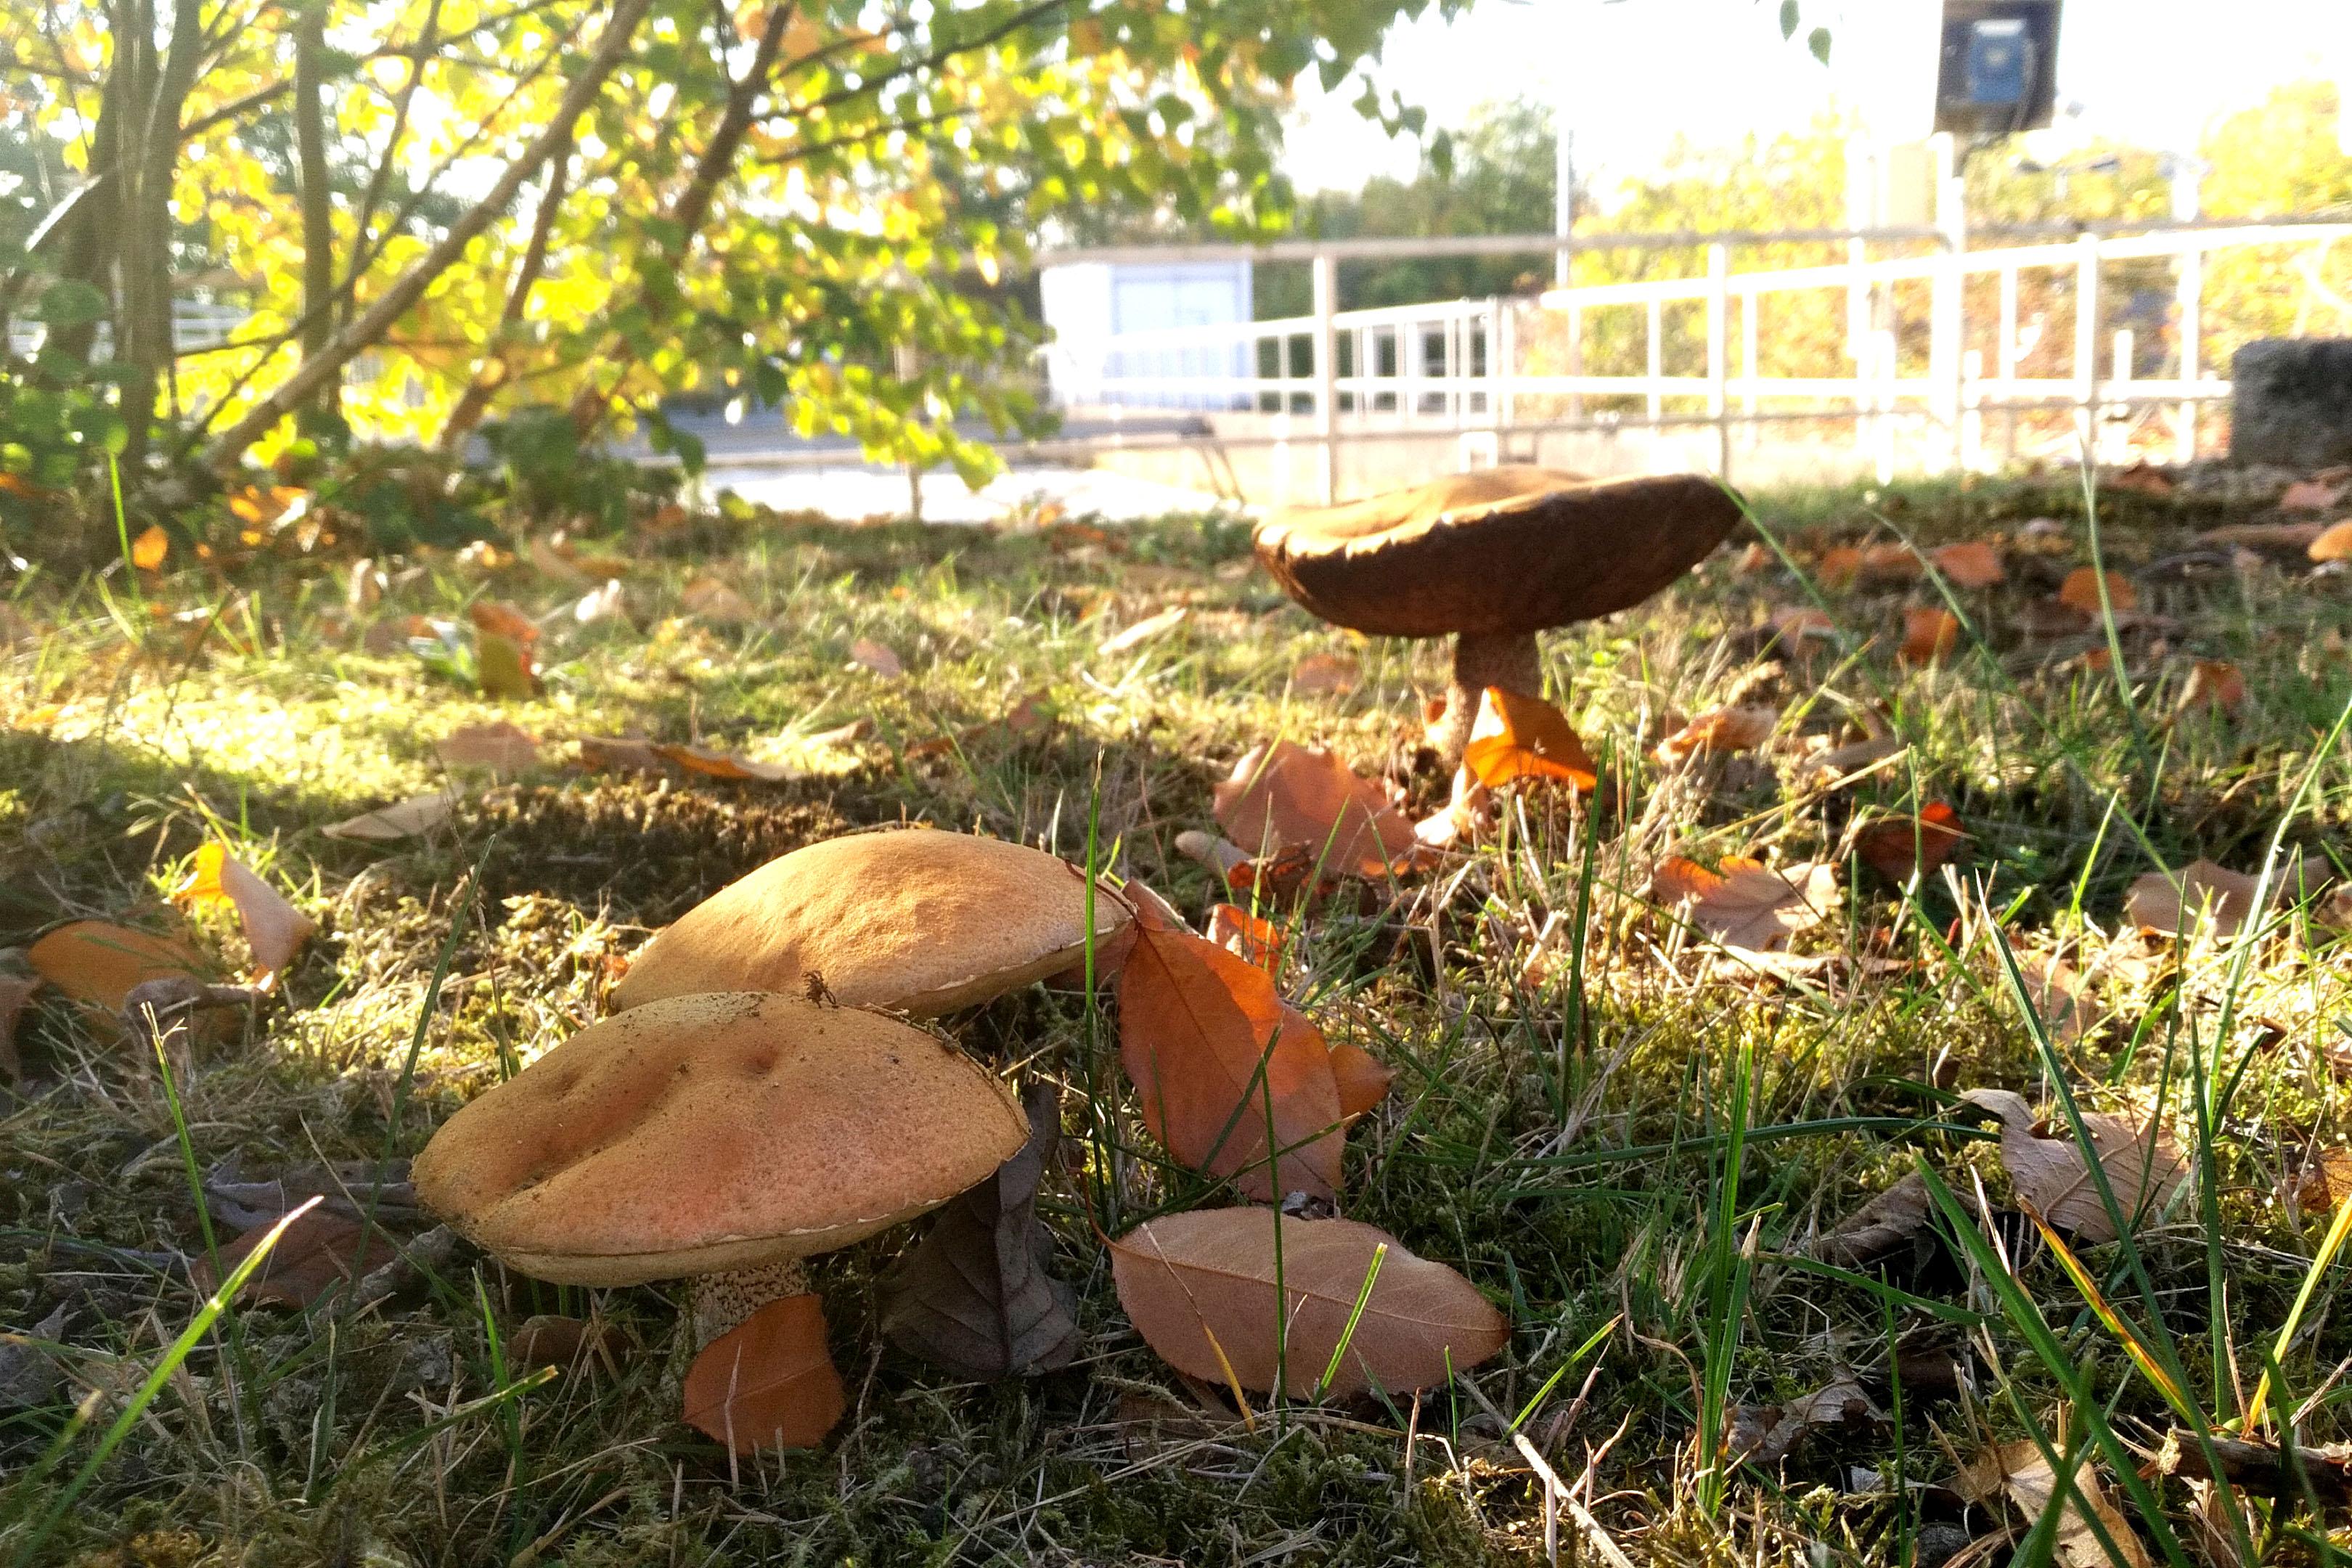 Pilze wachsen im Schatten des Mispelstrauchs. Ob sie für die Pilzpfanne geeignet sind, muss besser ein Experte beurteilen. Foto: Anne-Kathrin Lappe / EGLV